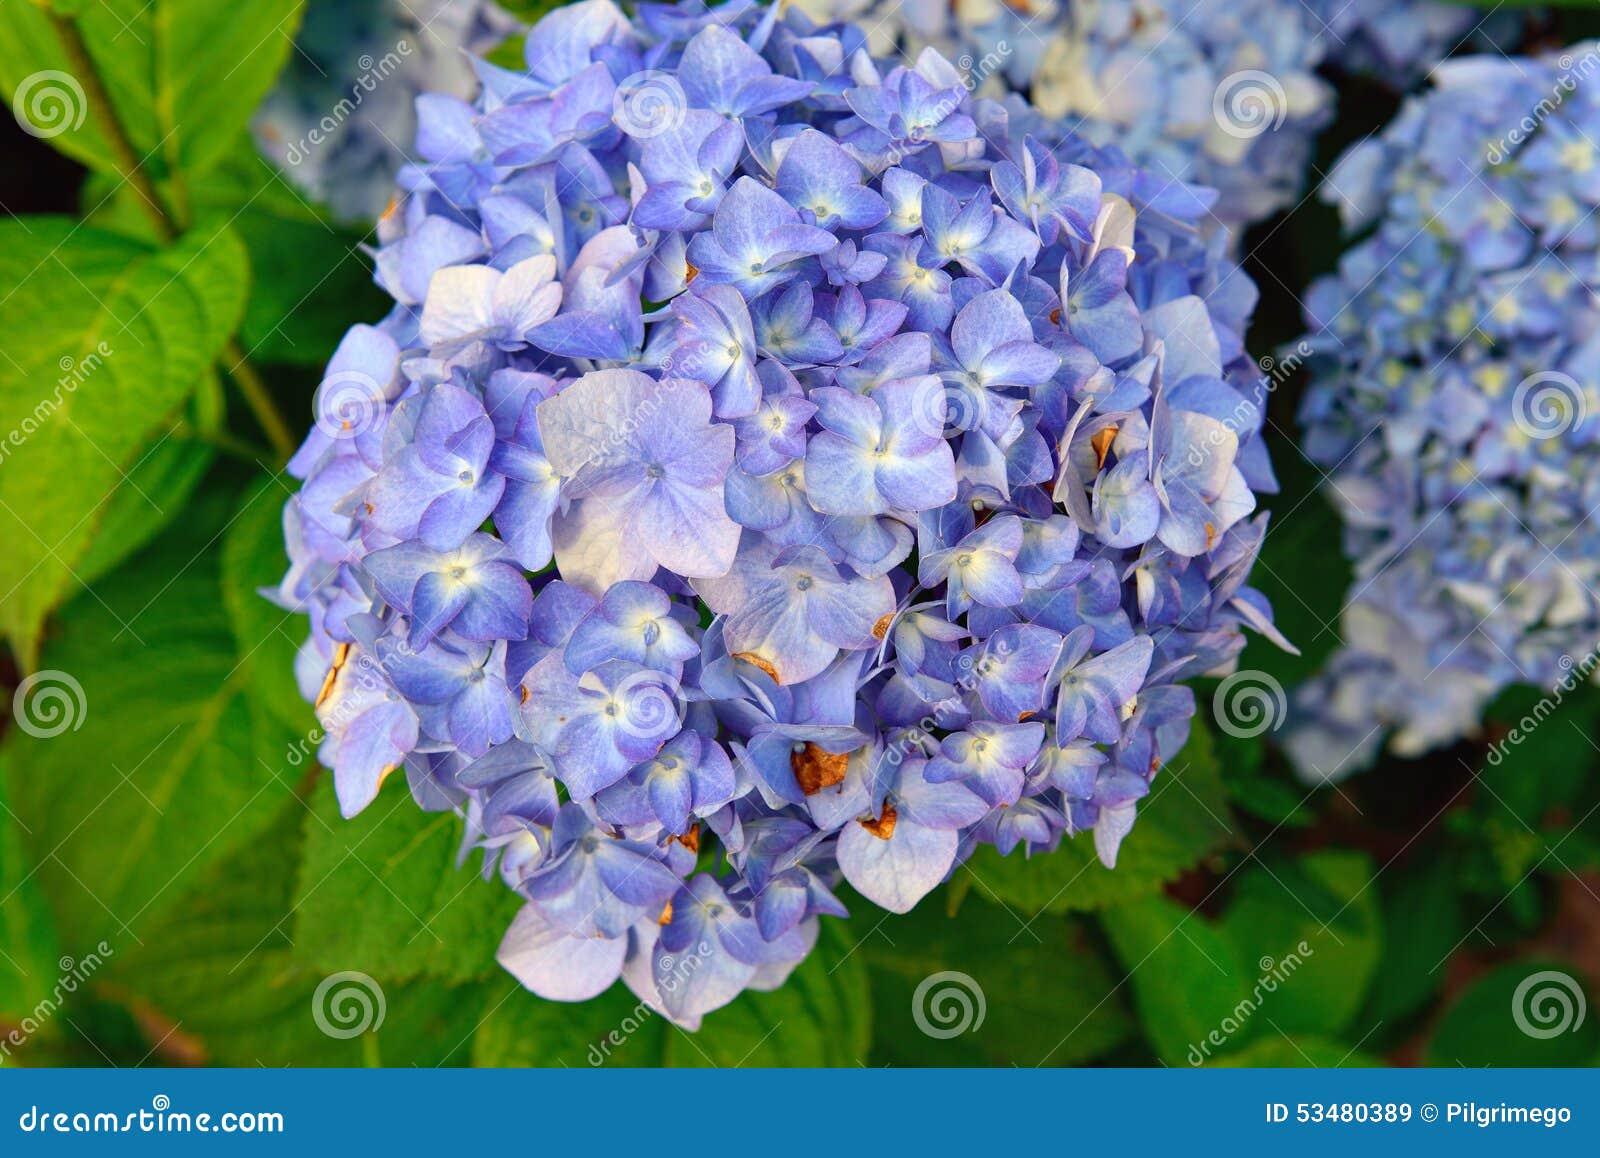 blaue hortensie die in der natur bl ht stockfoto bild. Black Bedroom Furniture Sets. Home Design Ideas